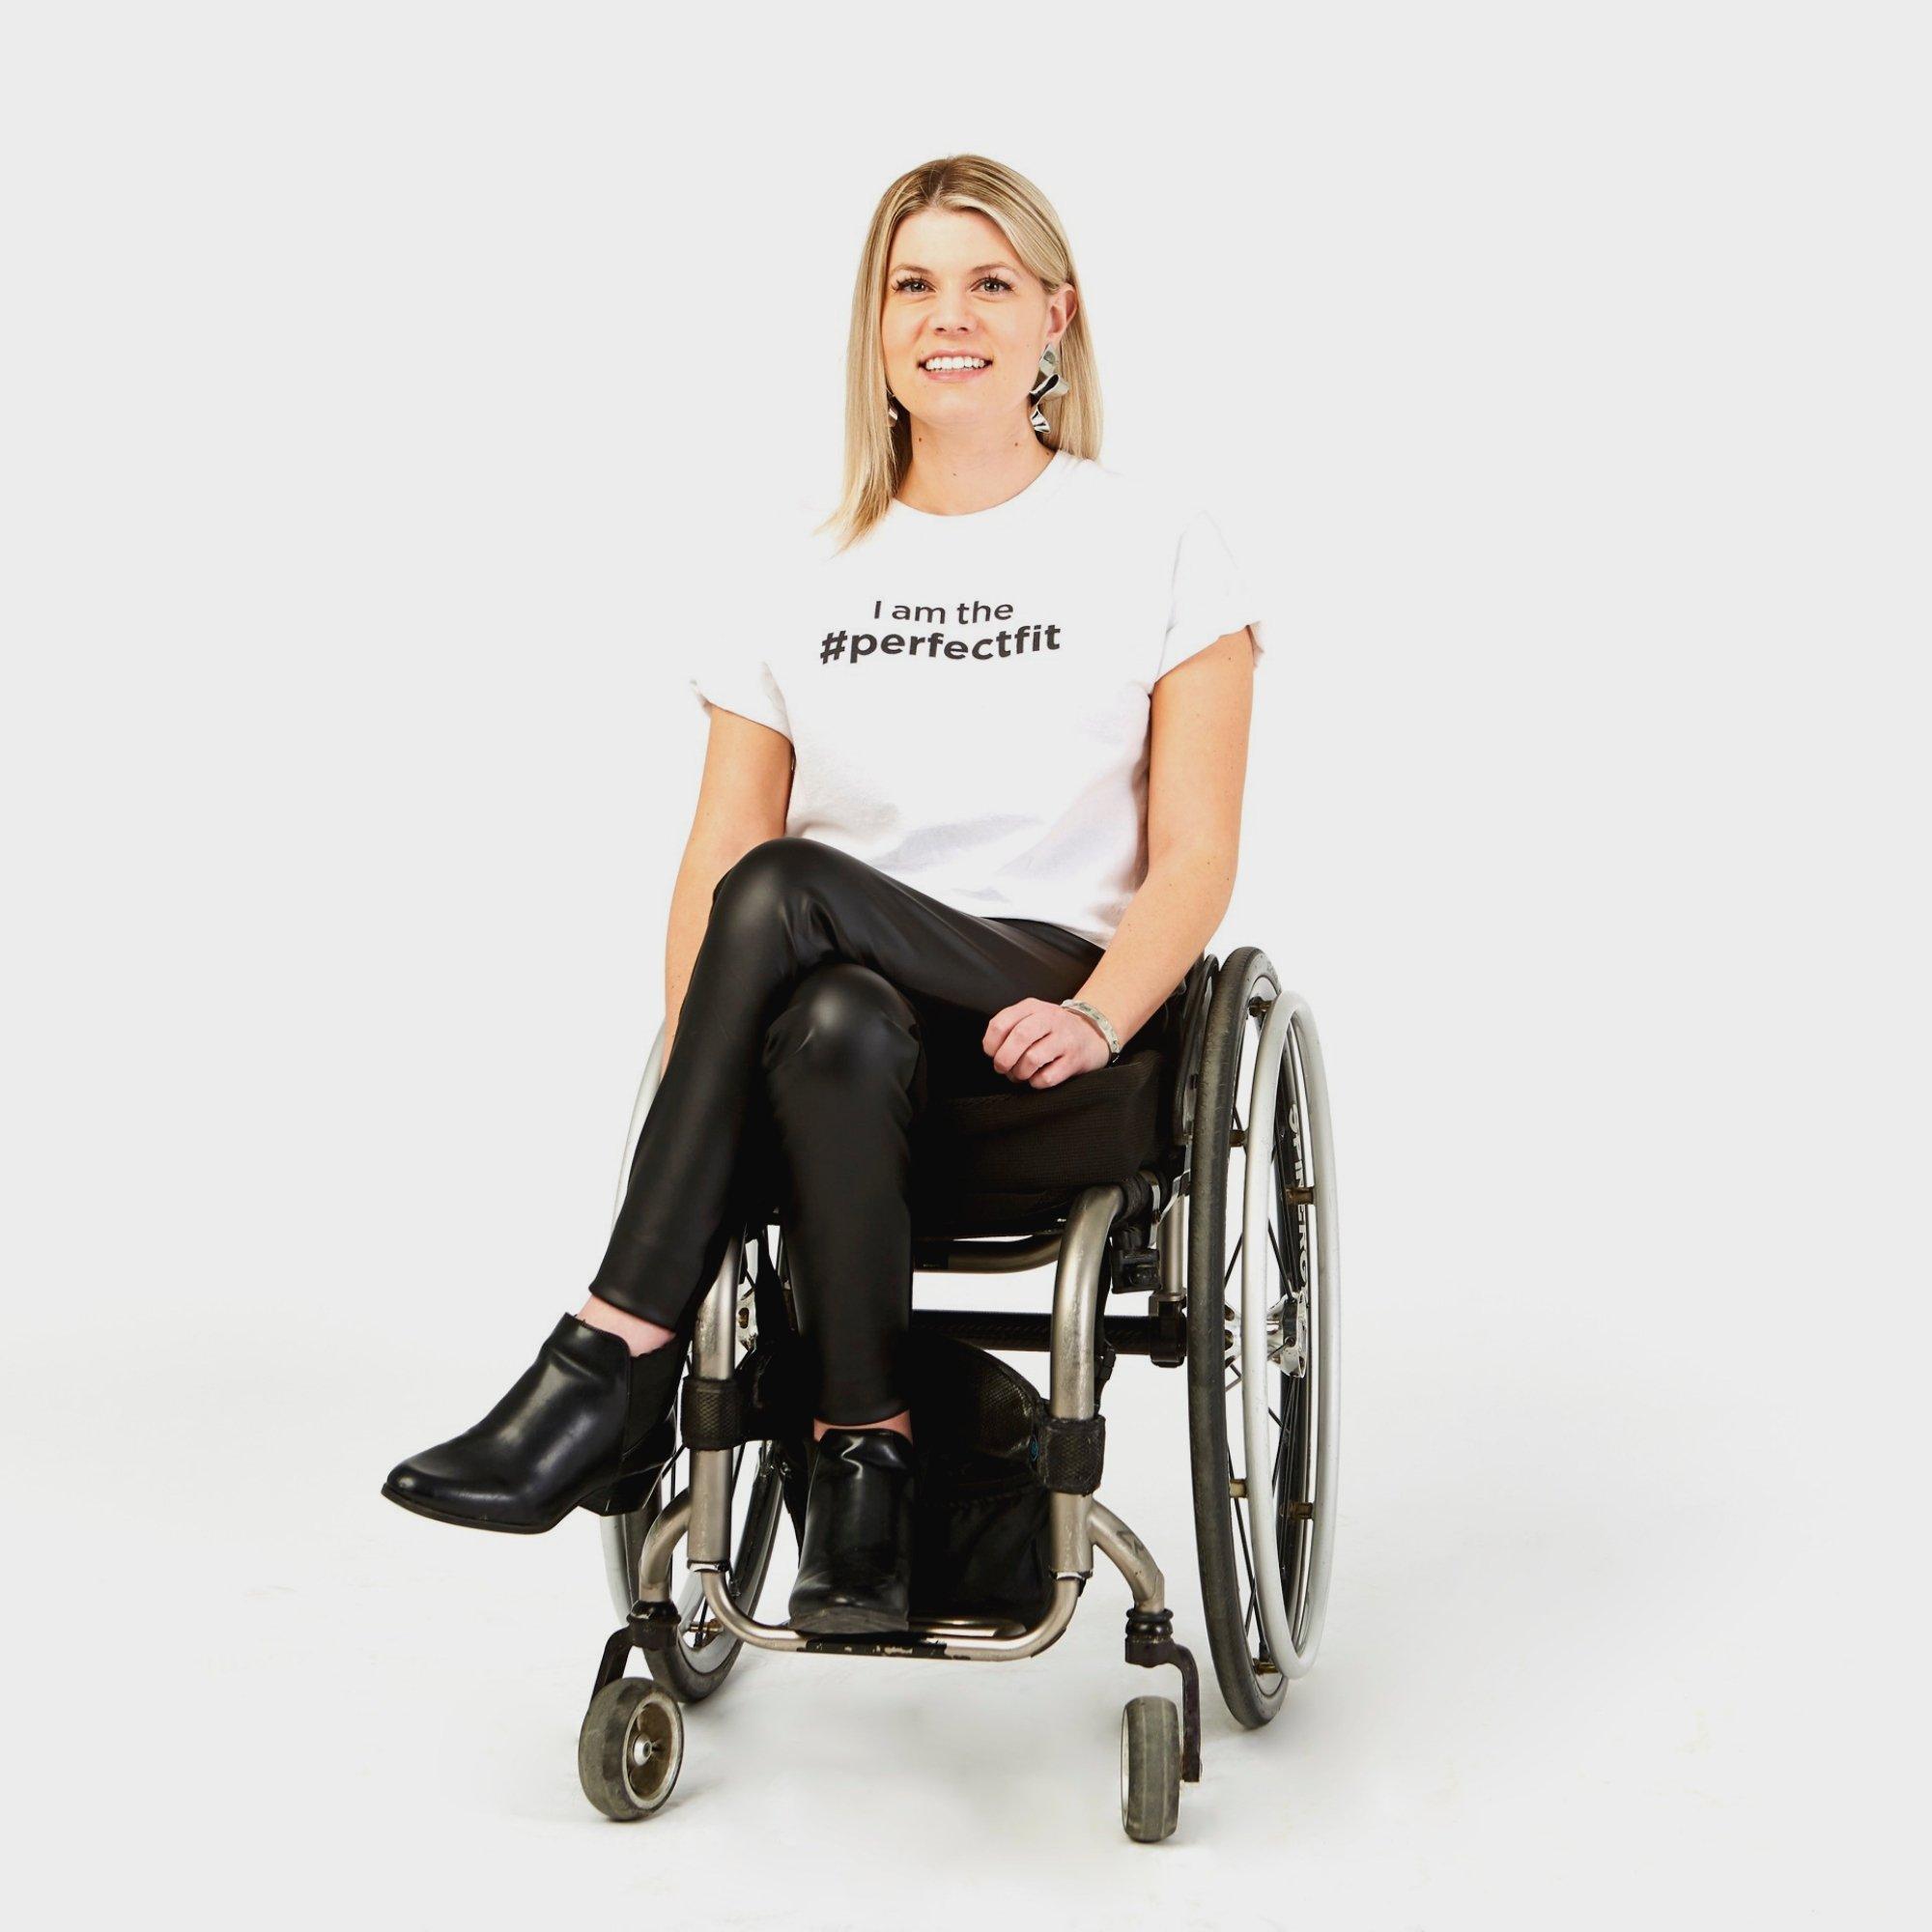 iz fashion adaptive clothing brands